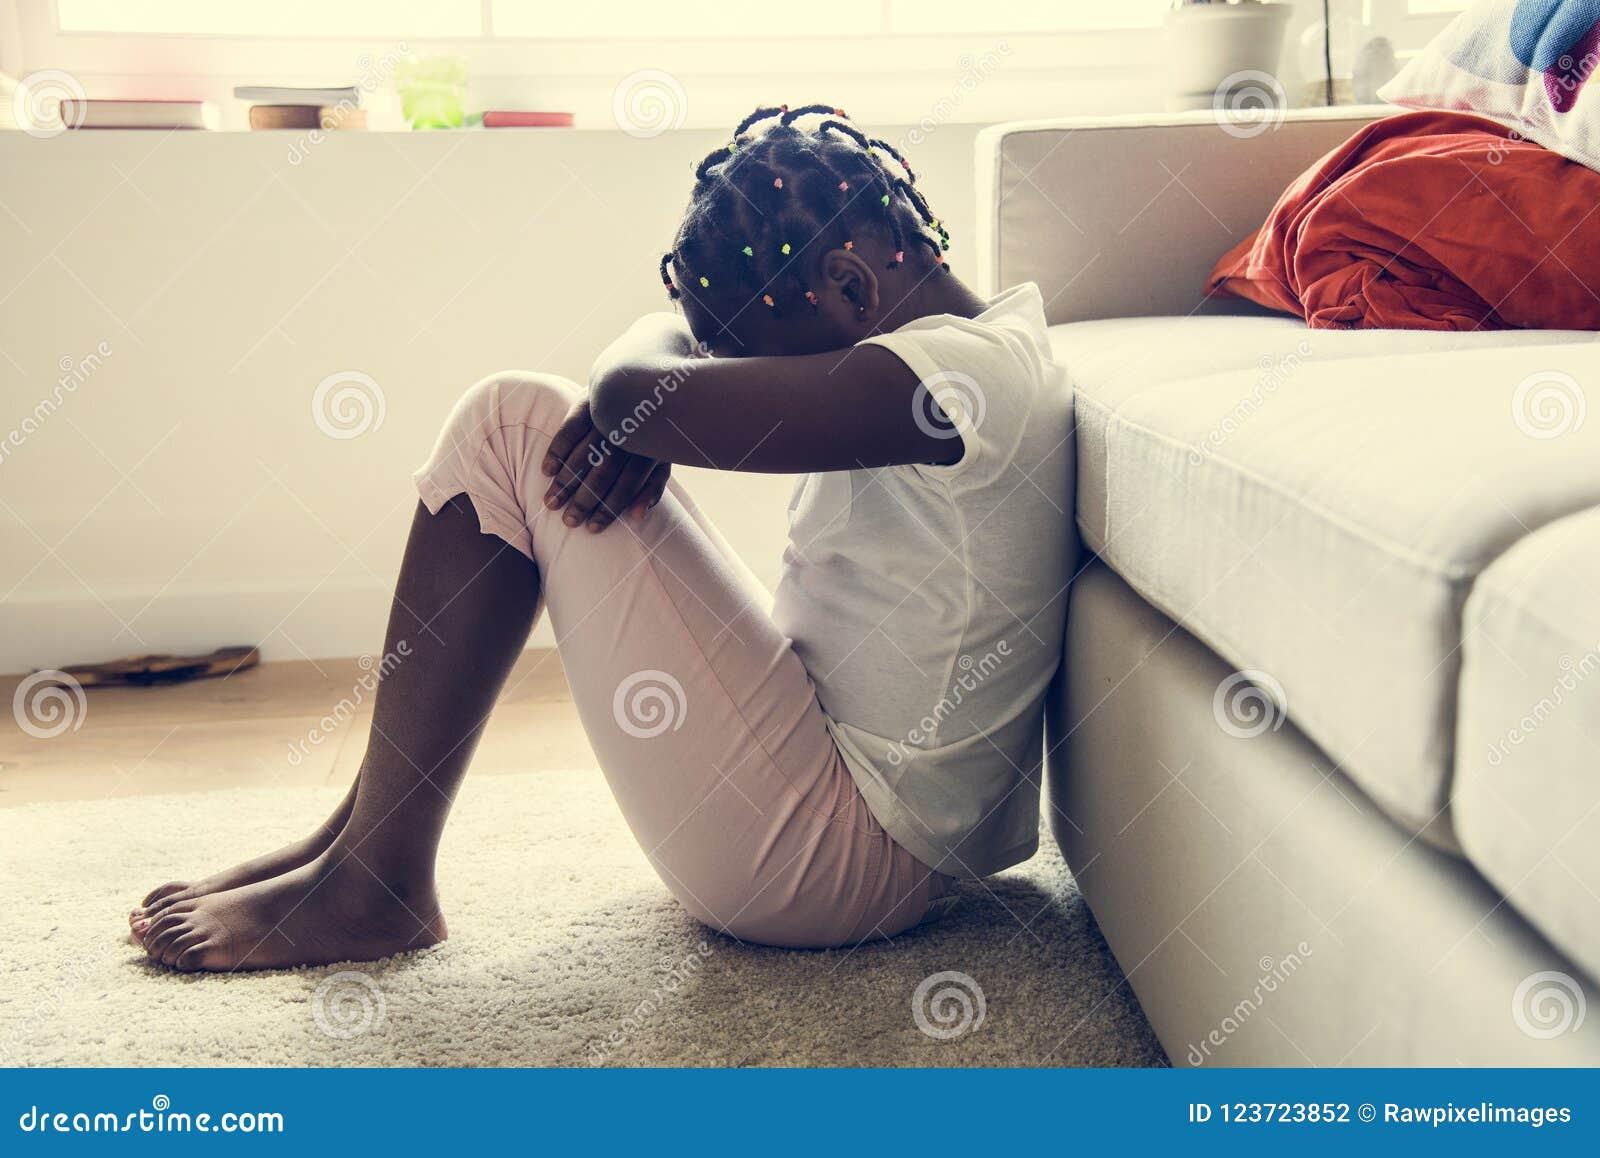 Ragazza nera con emozione di tristezza